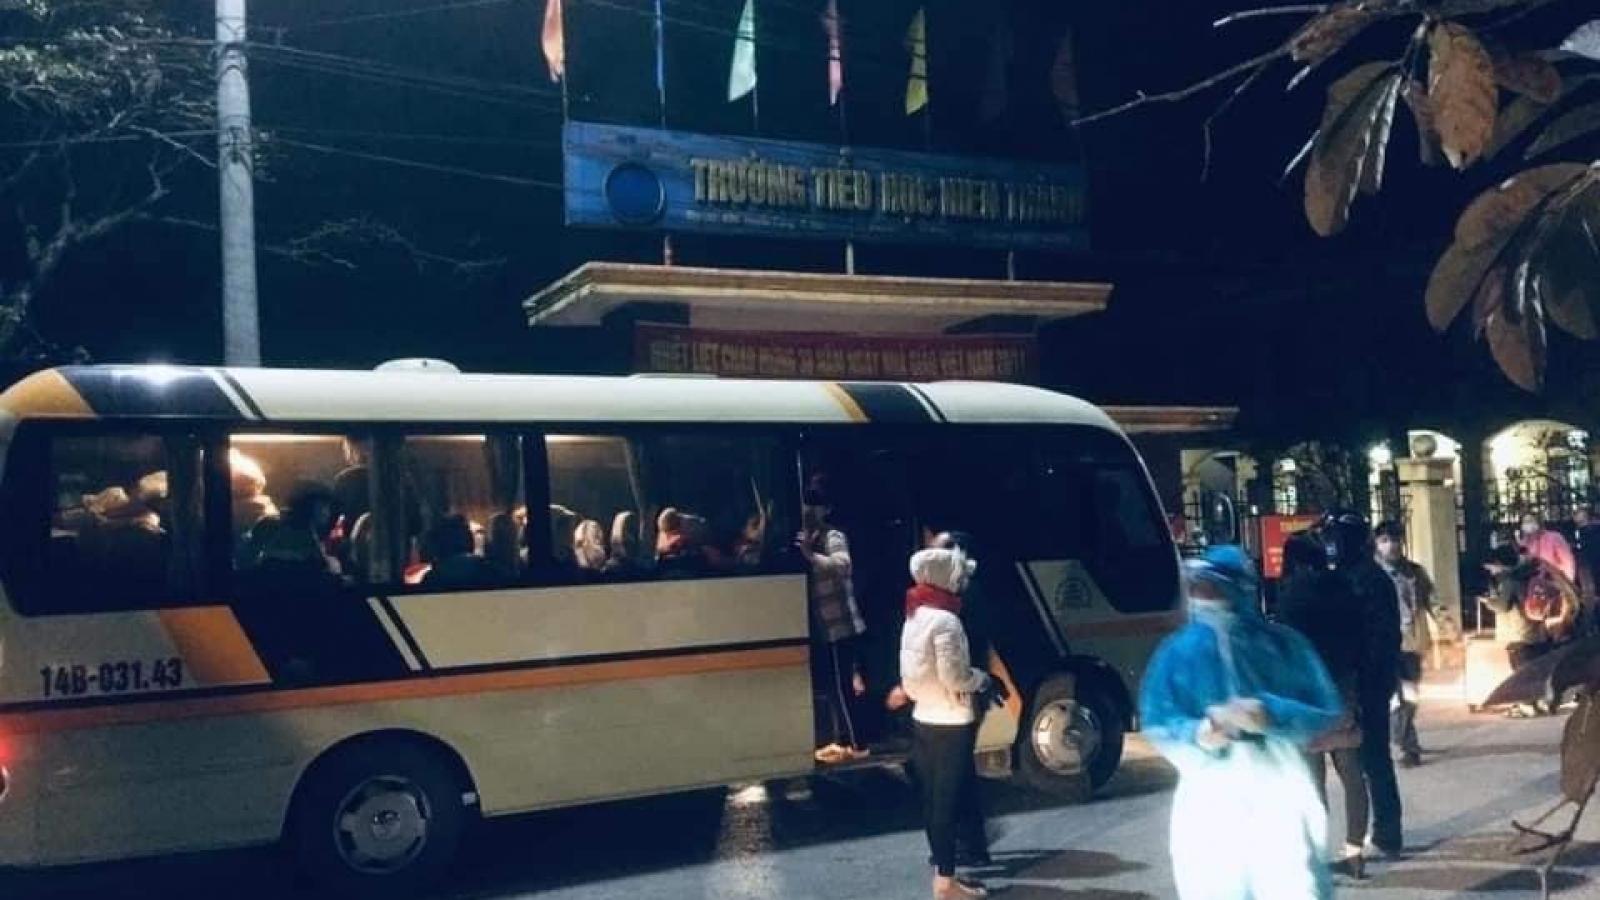 Nhiều học sinh trên địa bàn thị xã Kinh Môn(Hải Dương) được đưa đi cách ly trong đêm